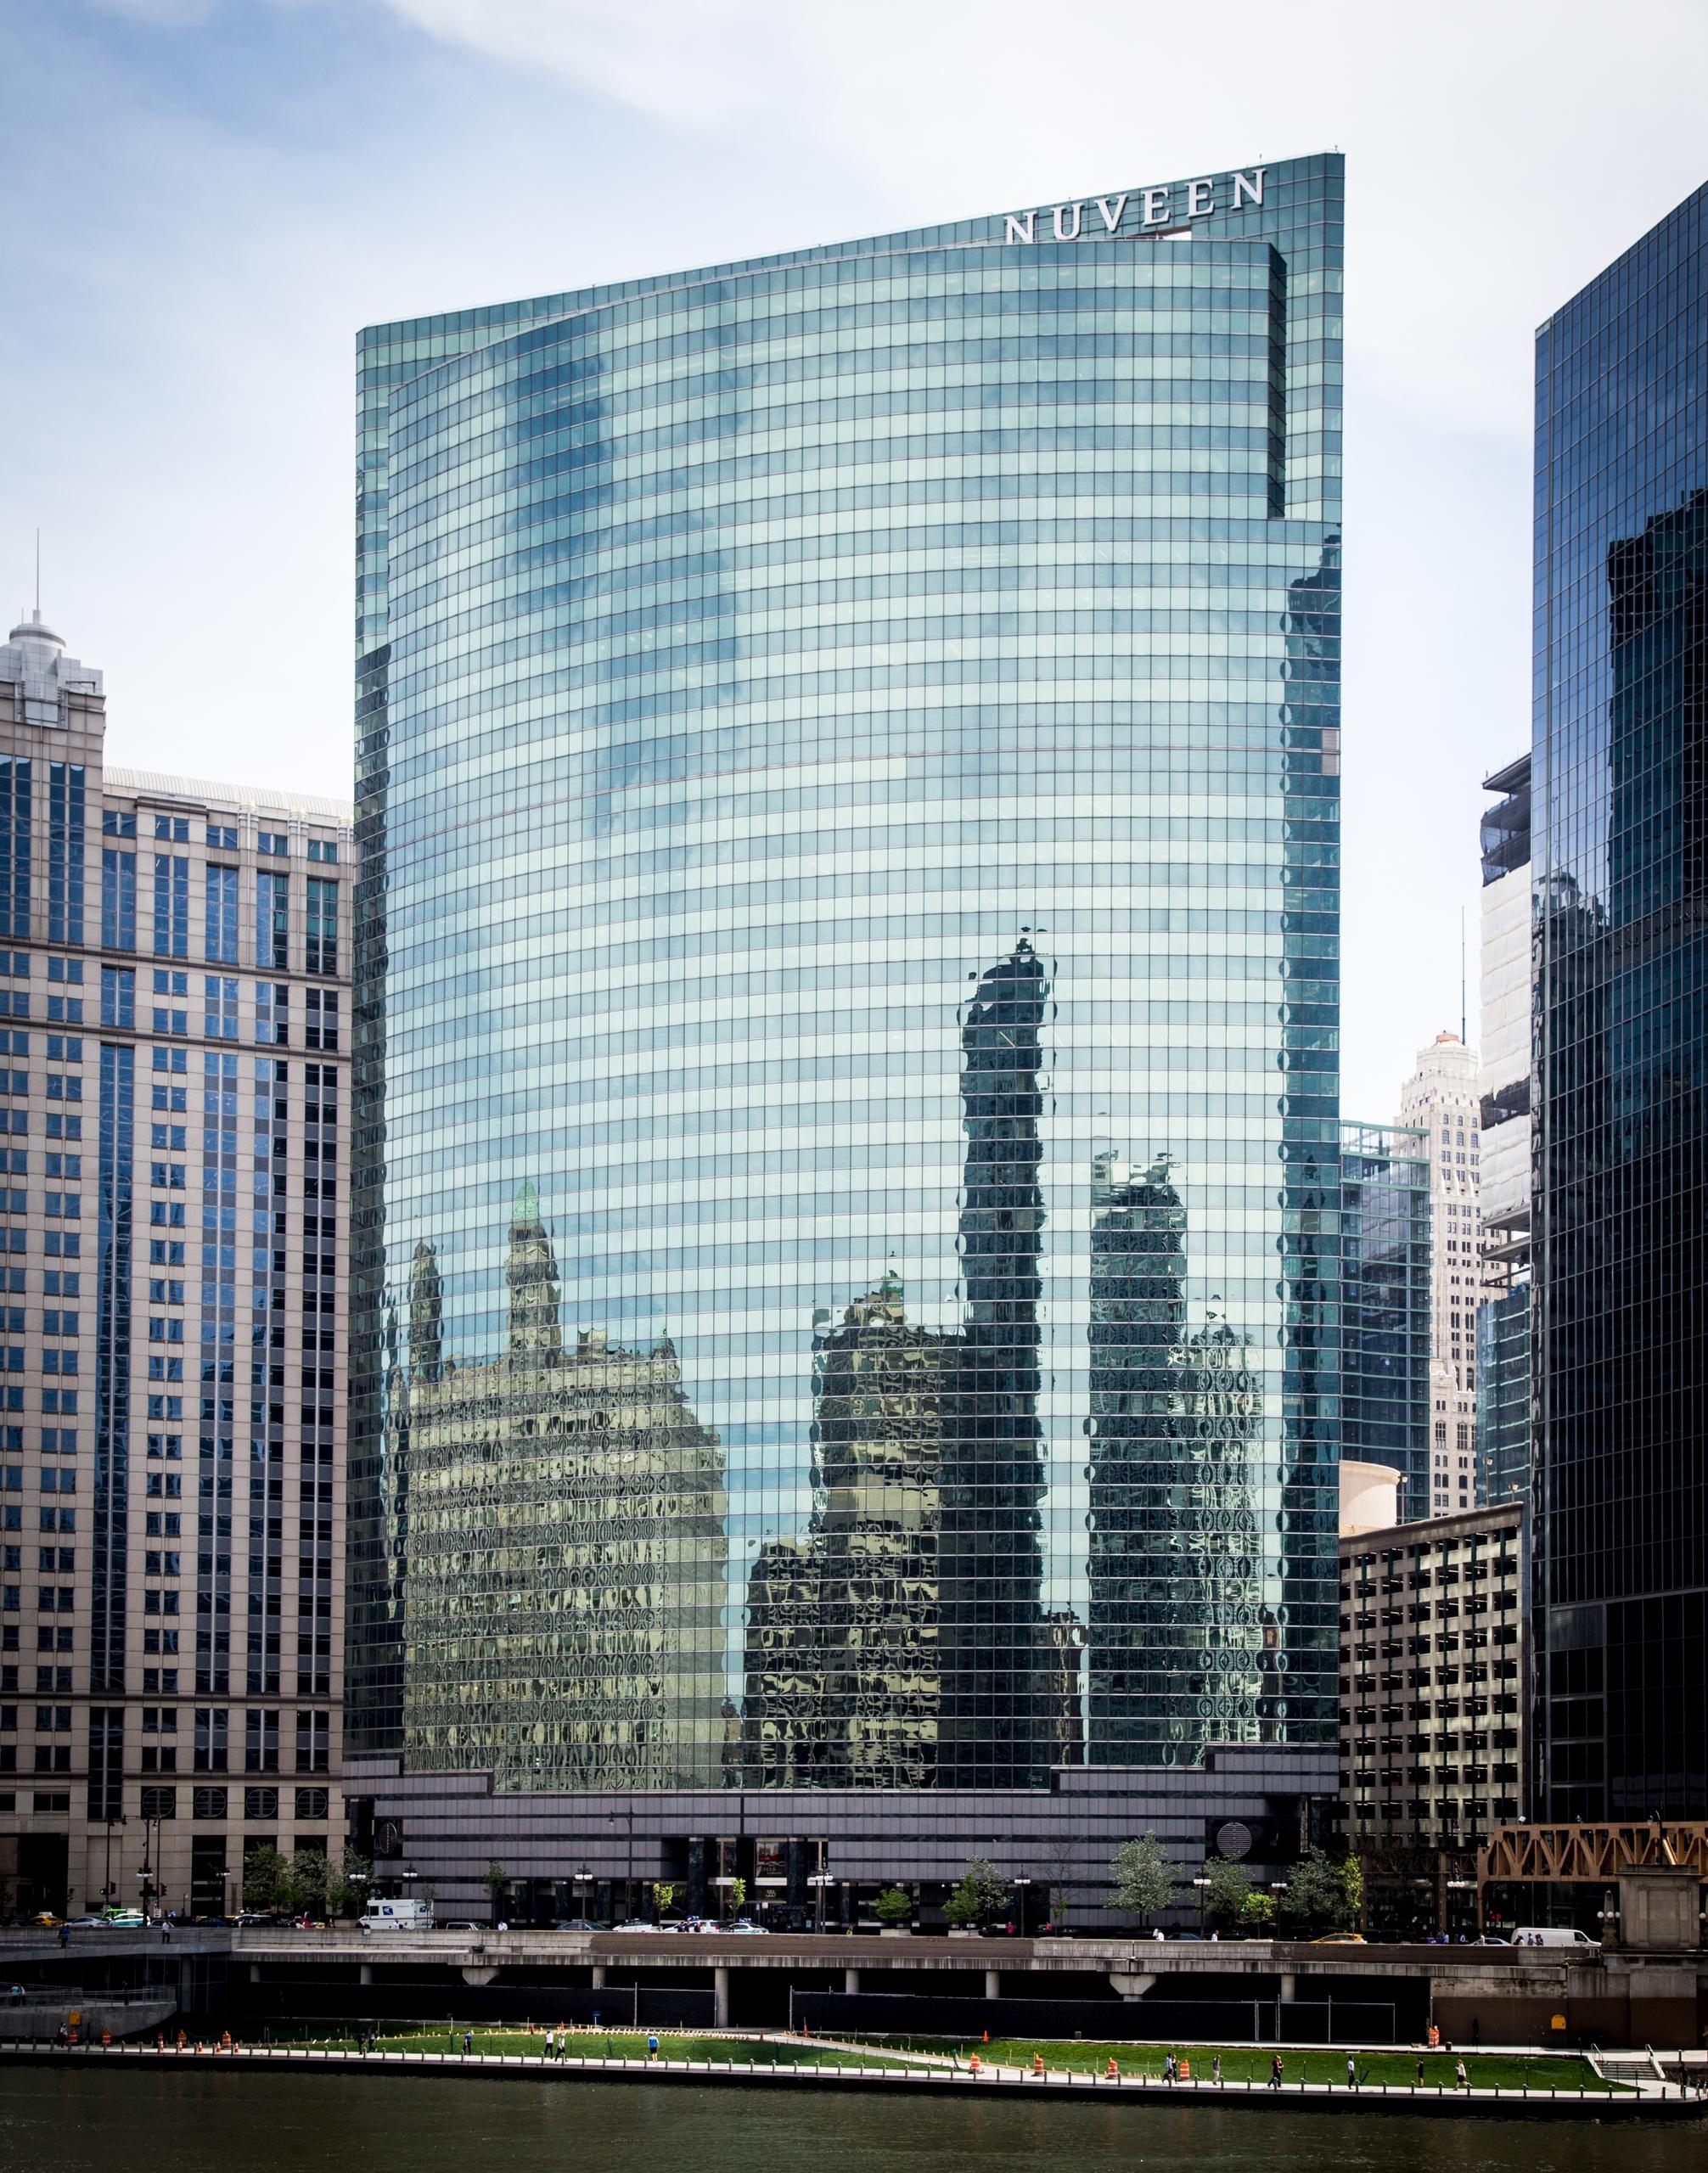 Nuveen building - Chicago desig - junwin | ello